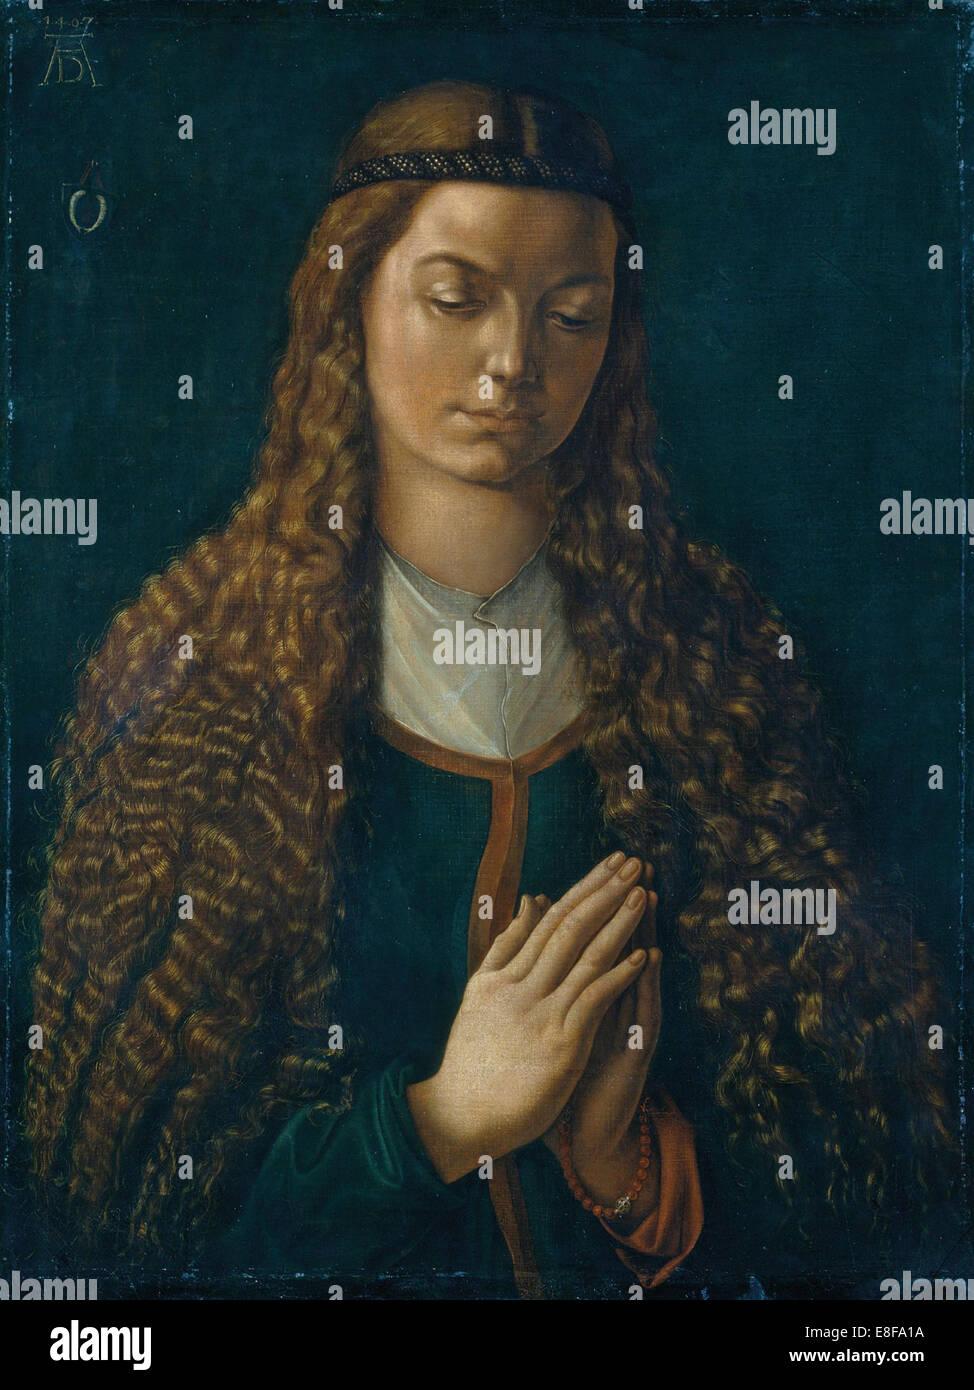 Porträt einer jungen Frau. Künstler: Dürer, Albrecht (1471-1528) Stockbild